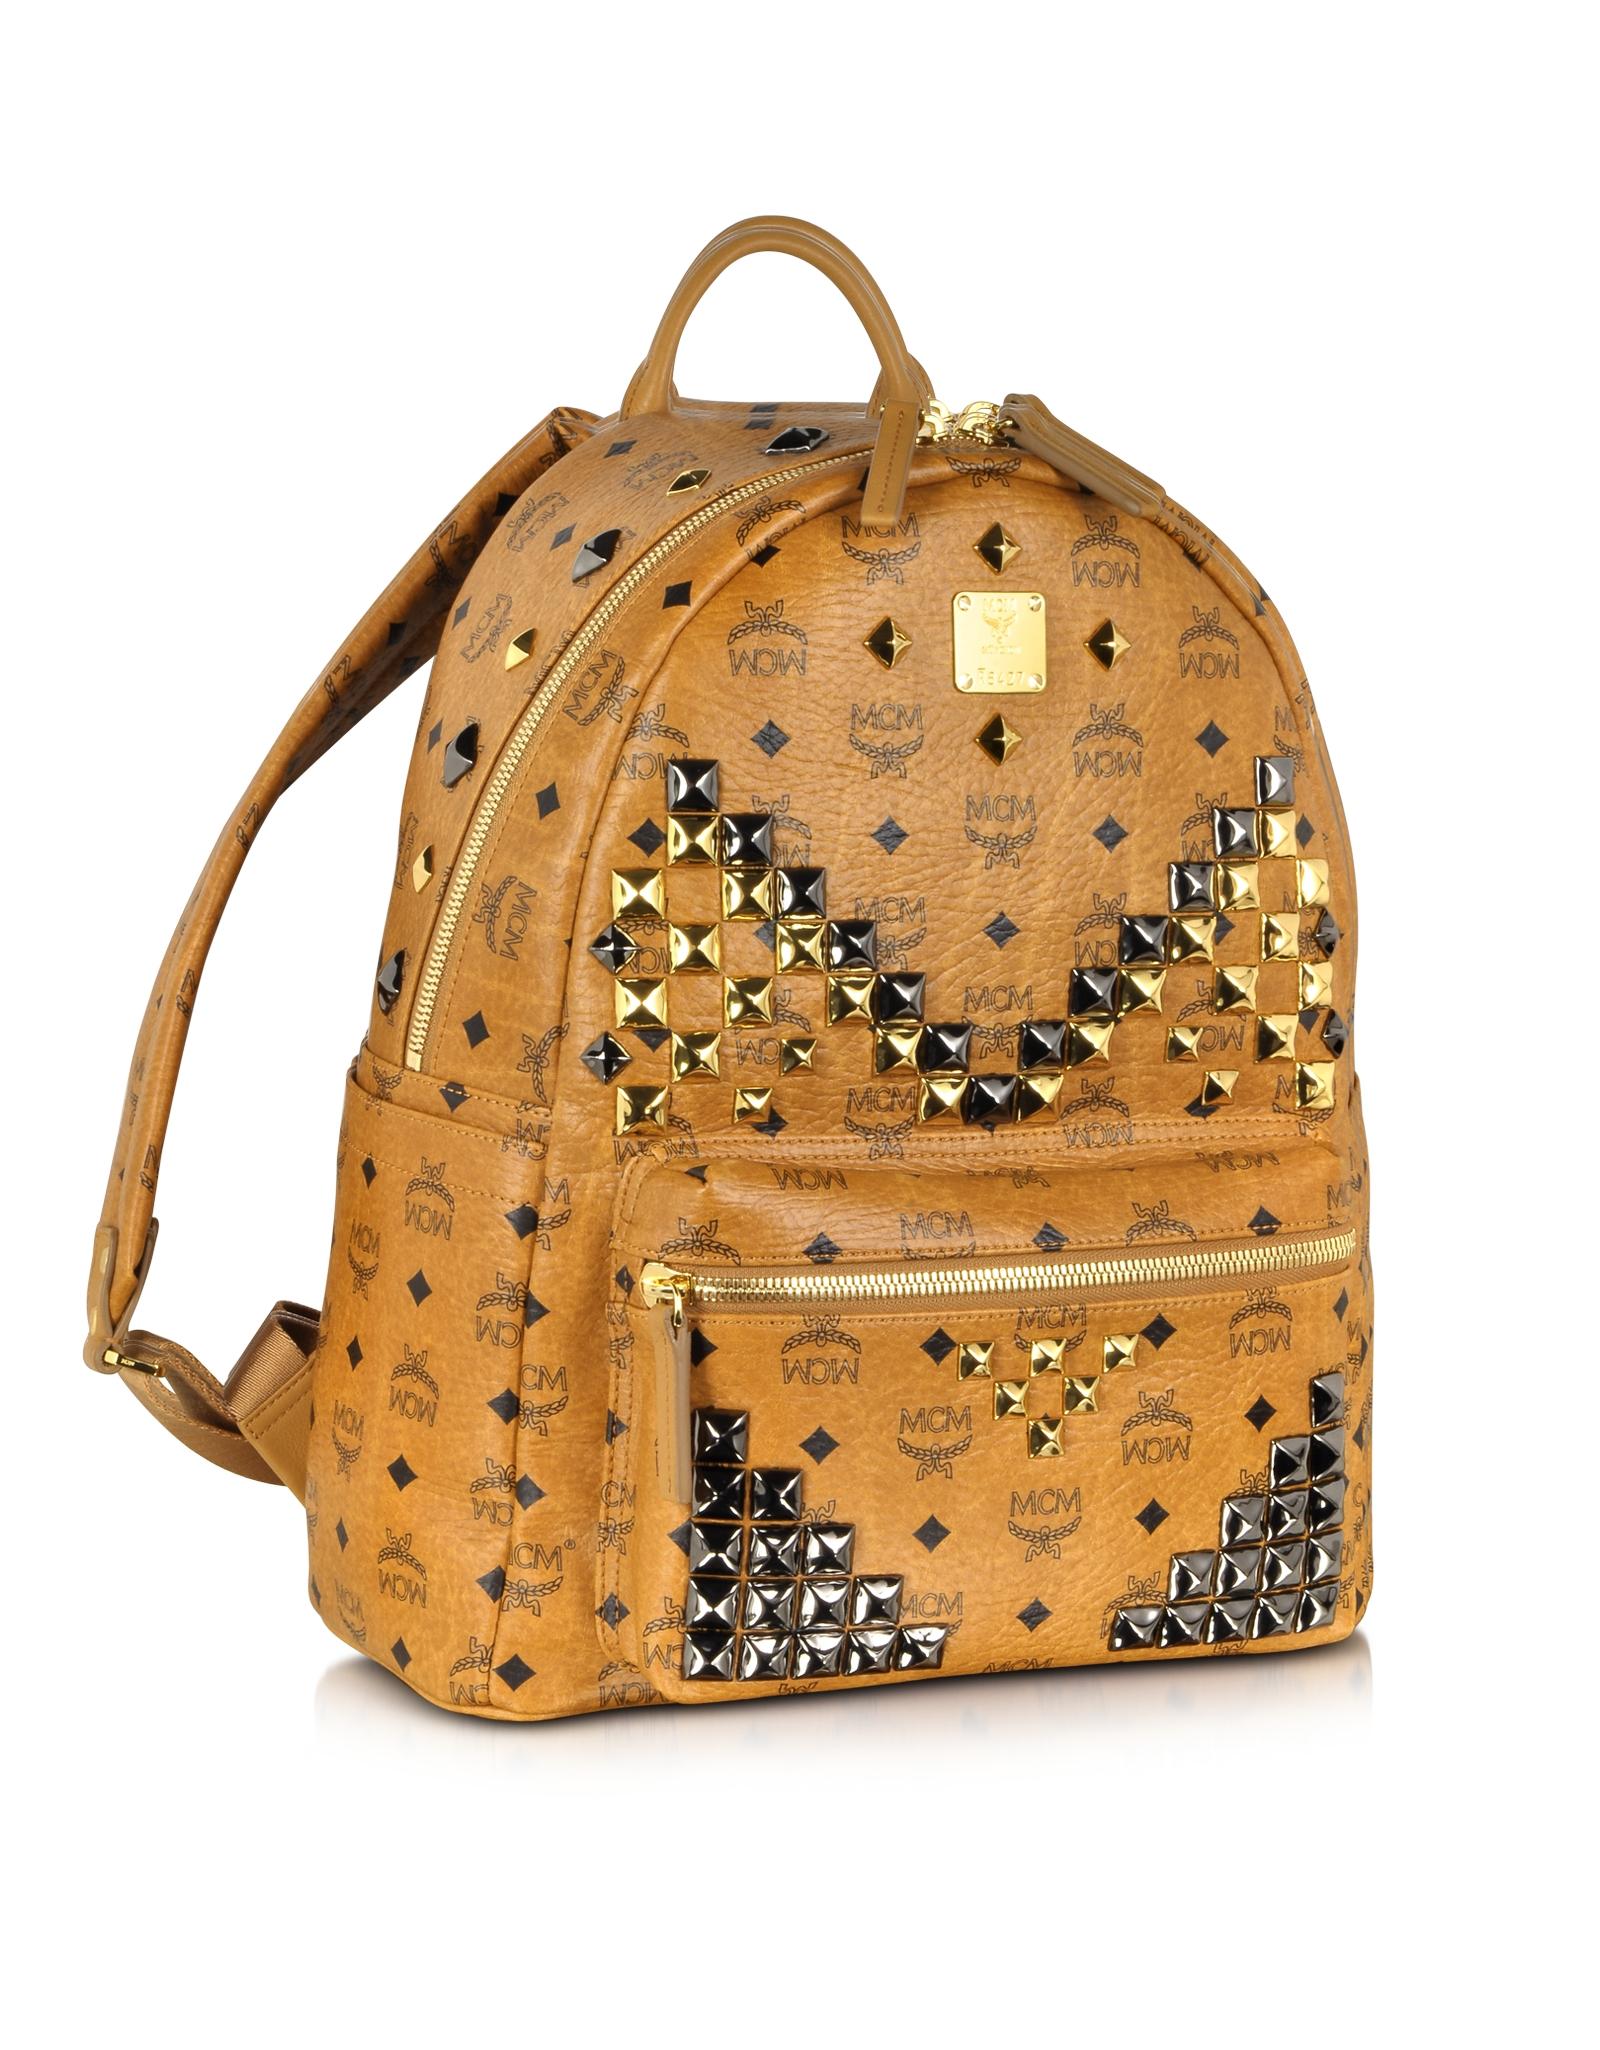 mcm medium stark leather backpack in brown for men lyst. Black Bedroom Furniture Sets. Home Design Ideas